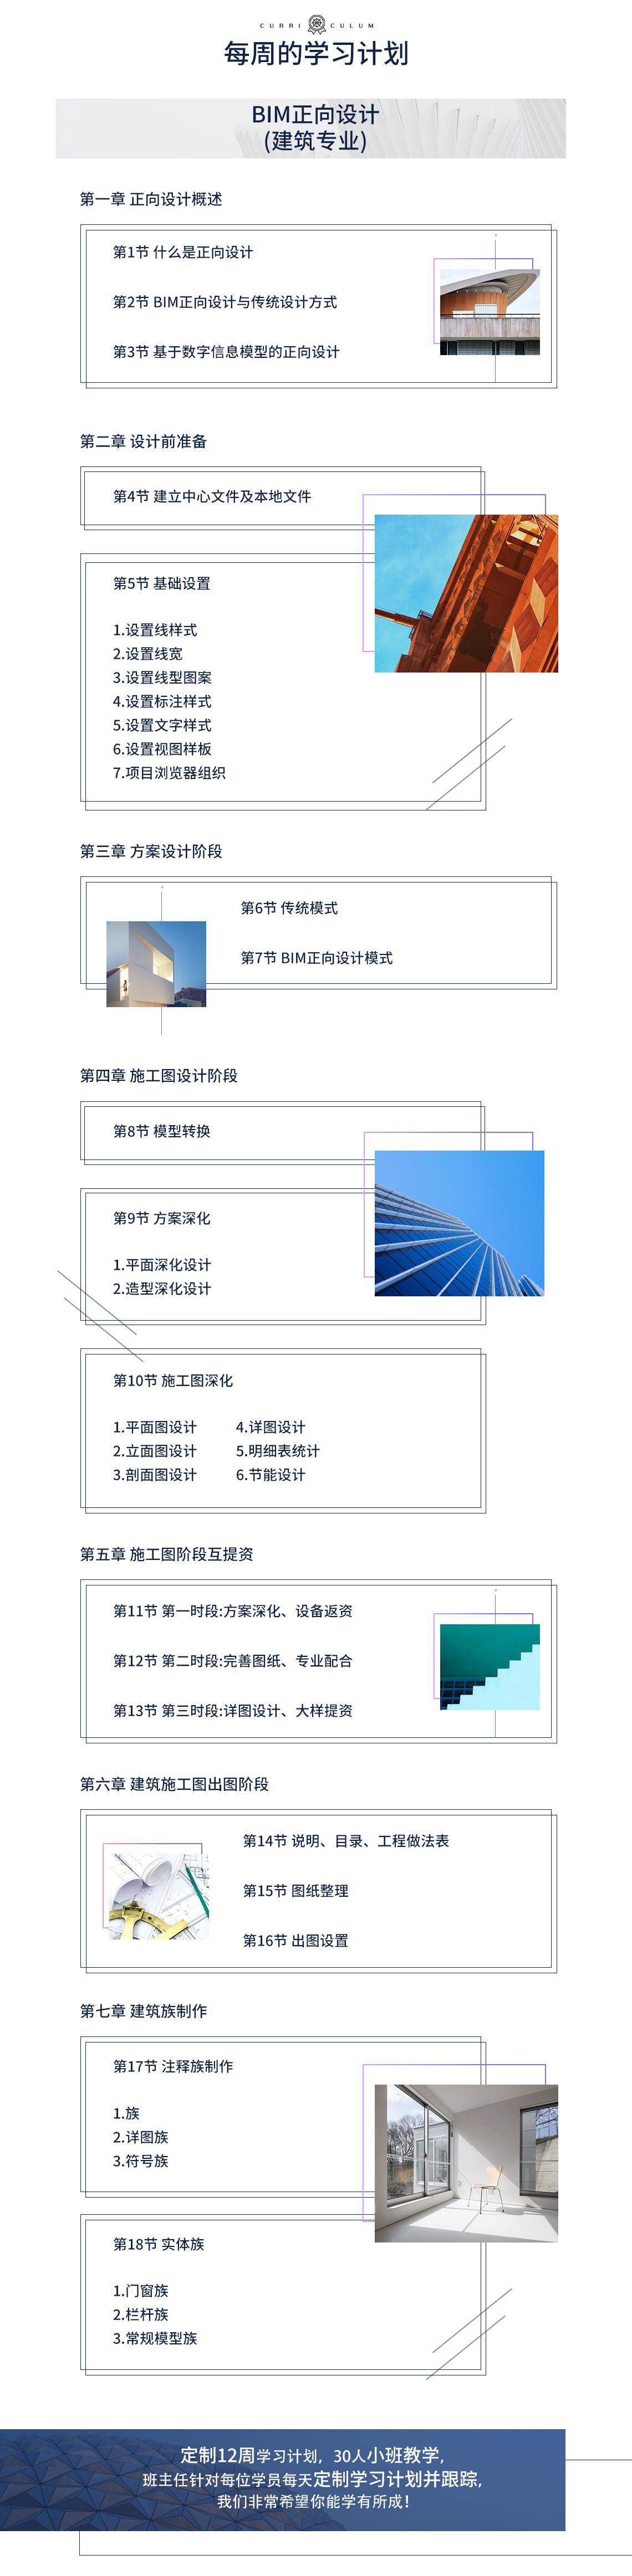 1.正向设计概述 2.设计前准备 3.方案设计阶段 4.施工图设计阶段 5.施工图阶段提资 6.建筑施工图出图阶段 7.建筑族制作